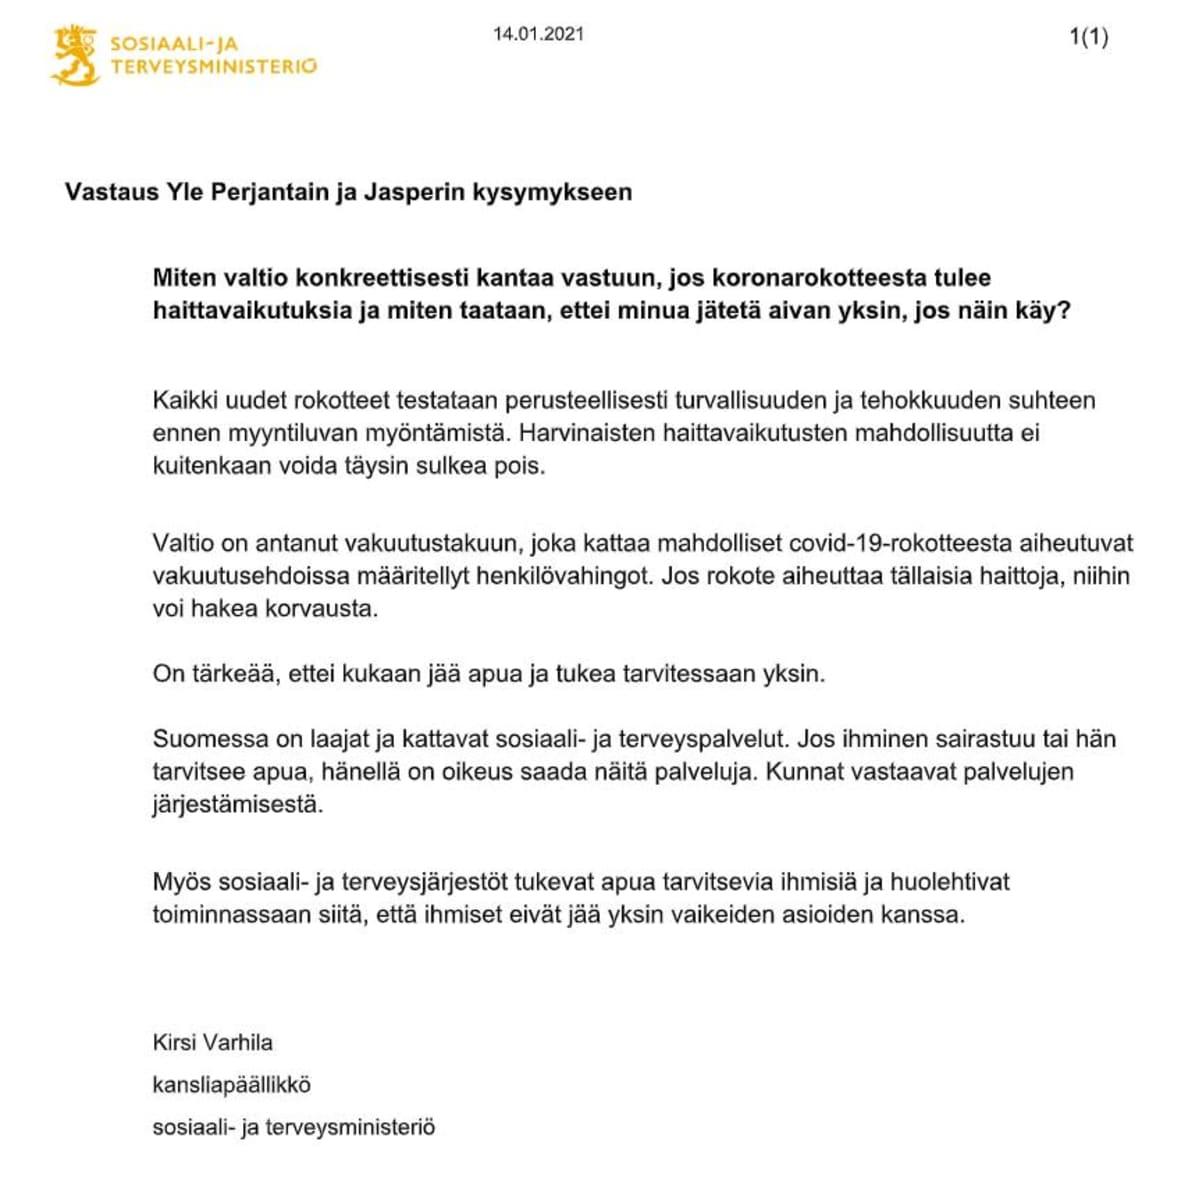 Sosiaali- ja terveysministeriön kansliapäällikkö Kirsi Varhilan vastaus Jasper Mäki-Jokelalle